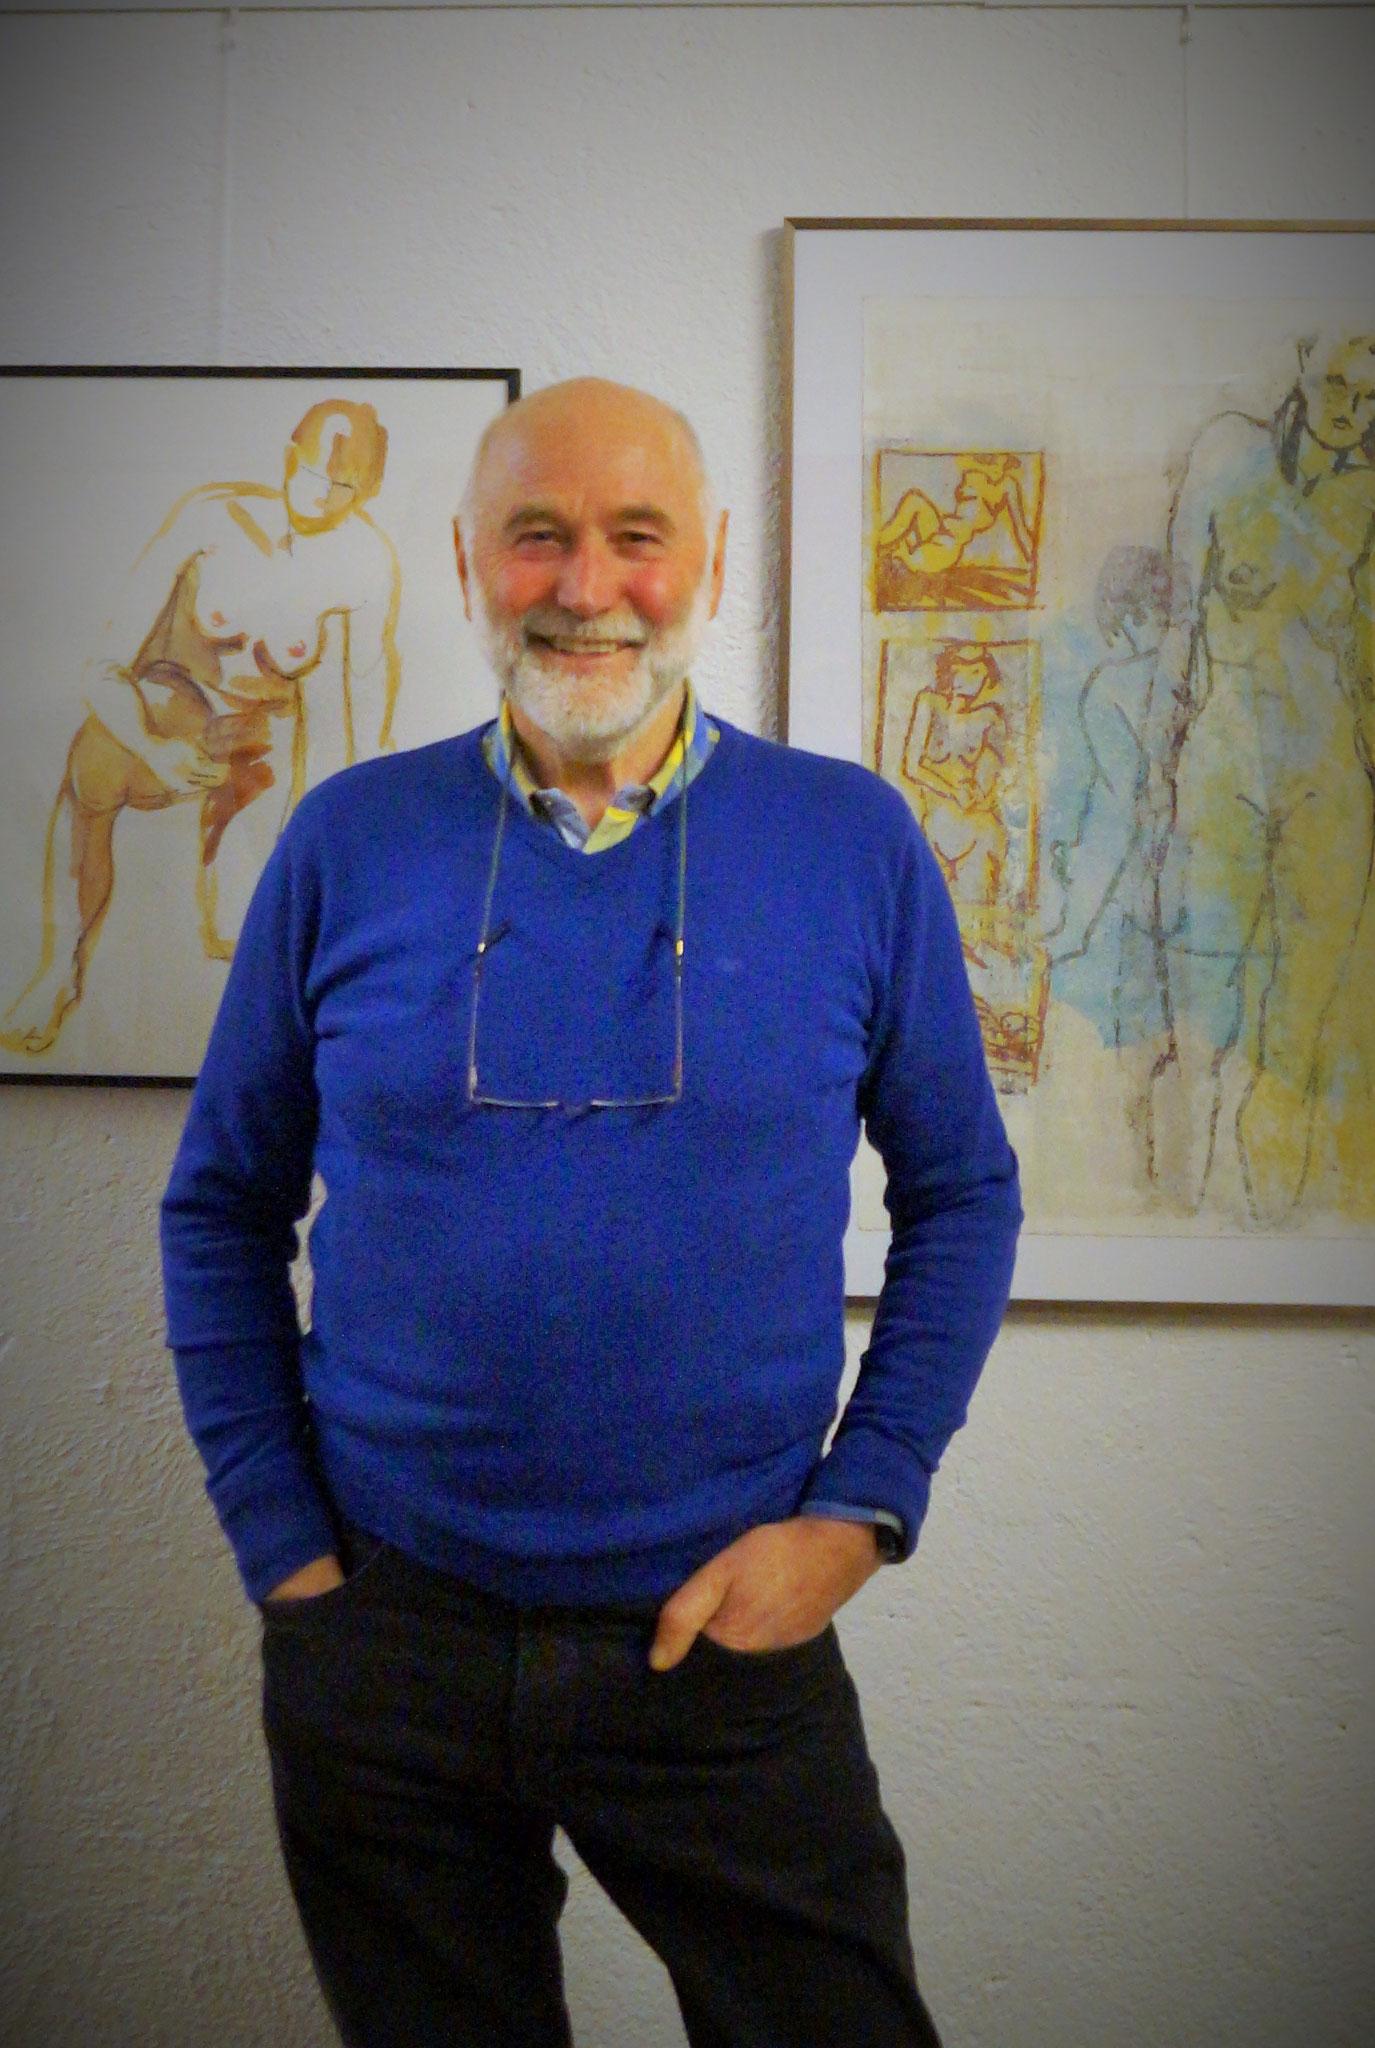 Georg Schreder